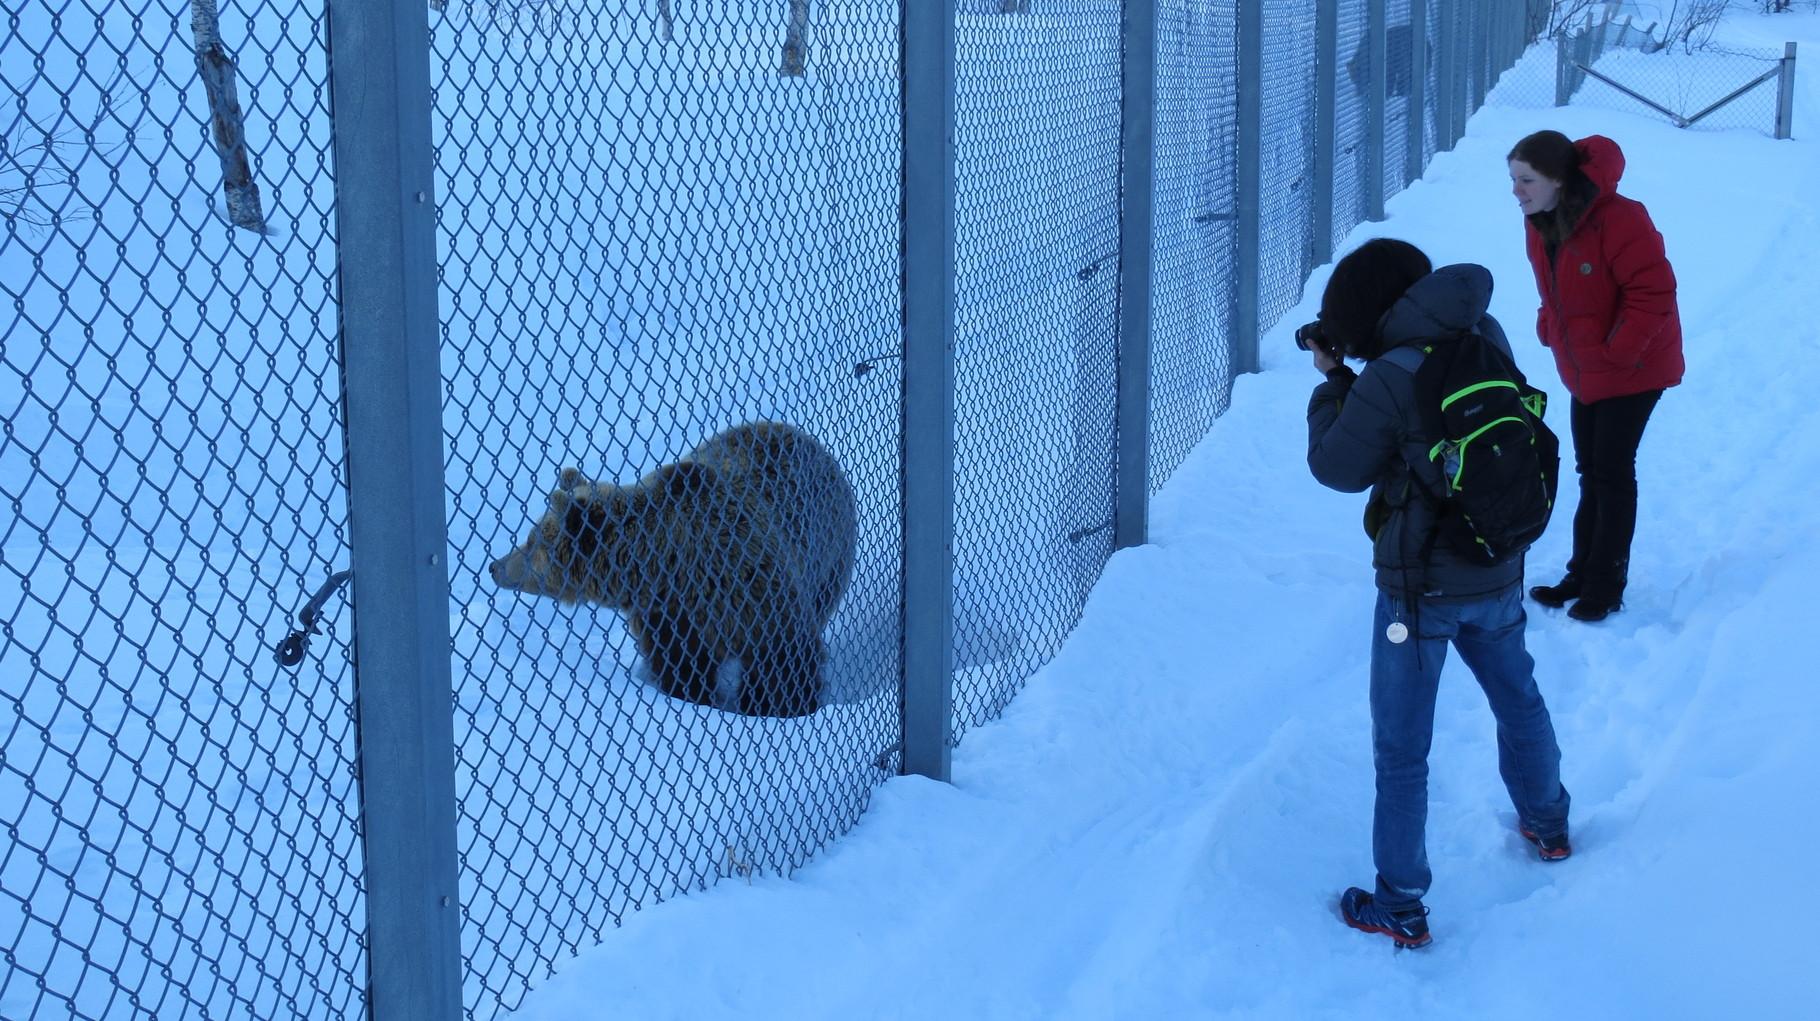 Die besten Entertainer waren allerdings die Braunbären: